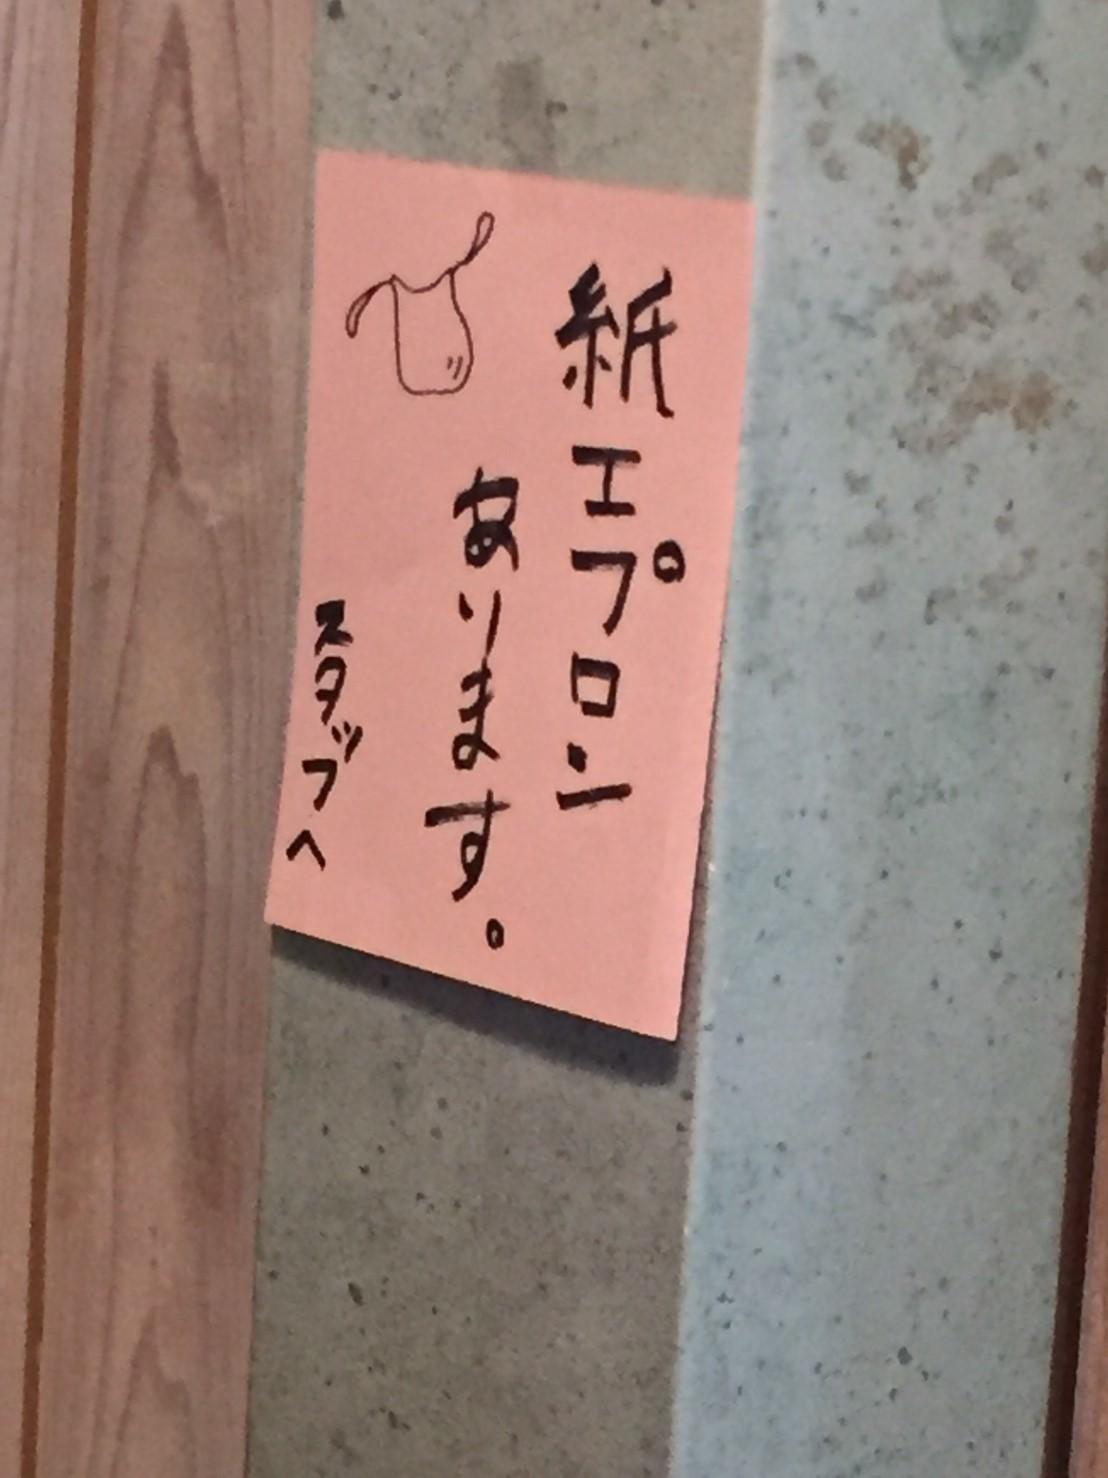 カレー食堂 ボヌール   おうちカレー_e0115904_04453508.jpg